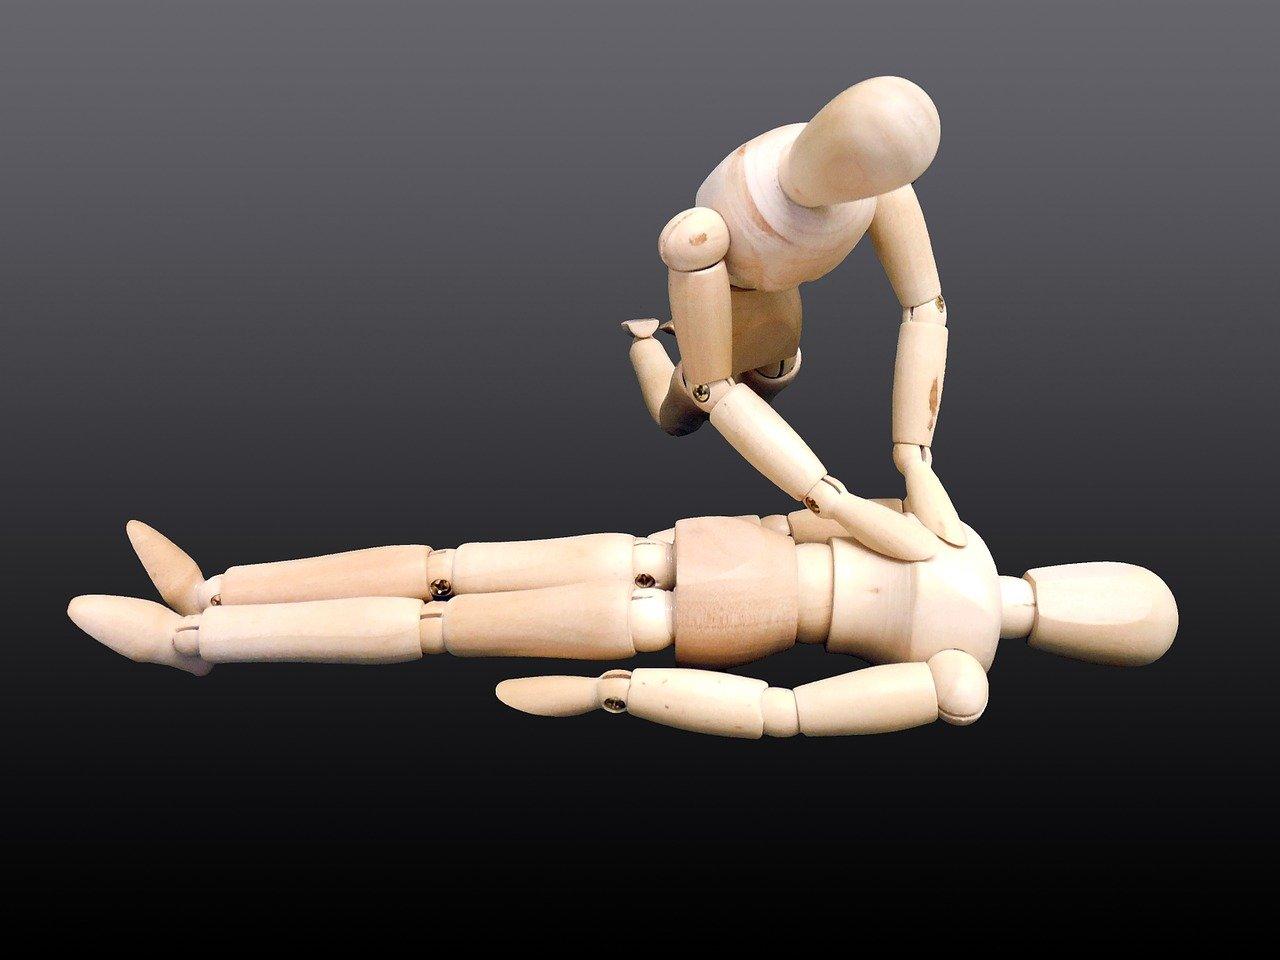 van Alphen, fysiotherapie en training behandeling fysiot